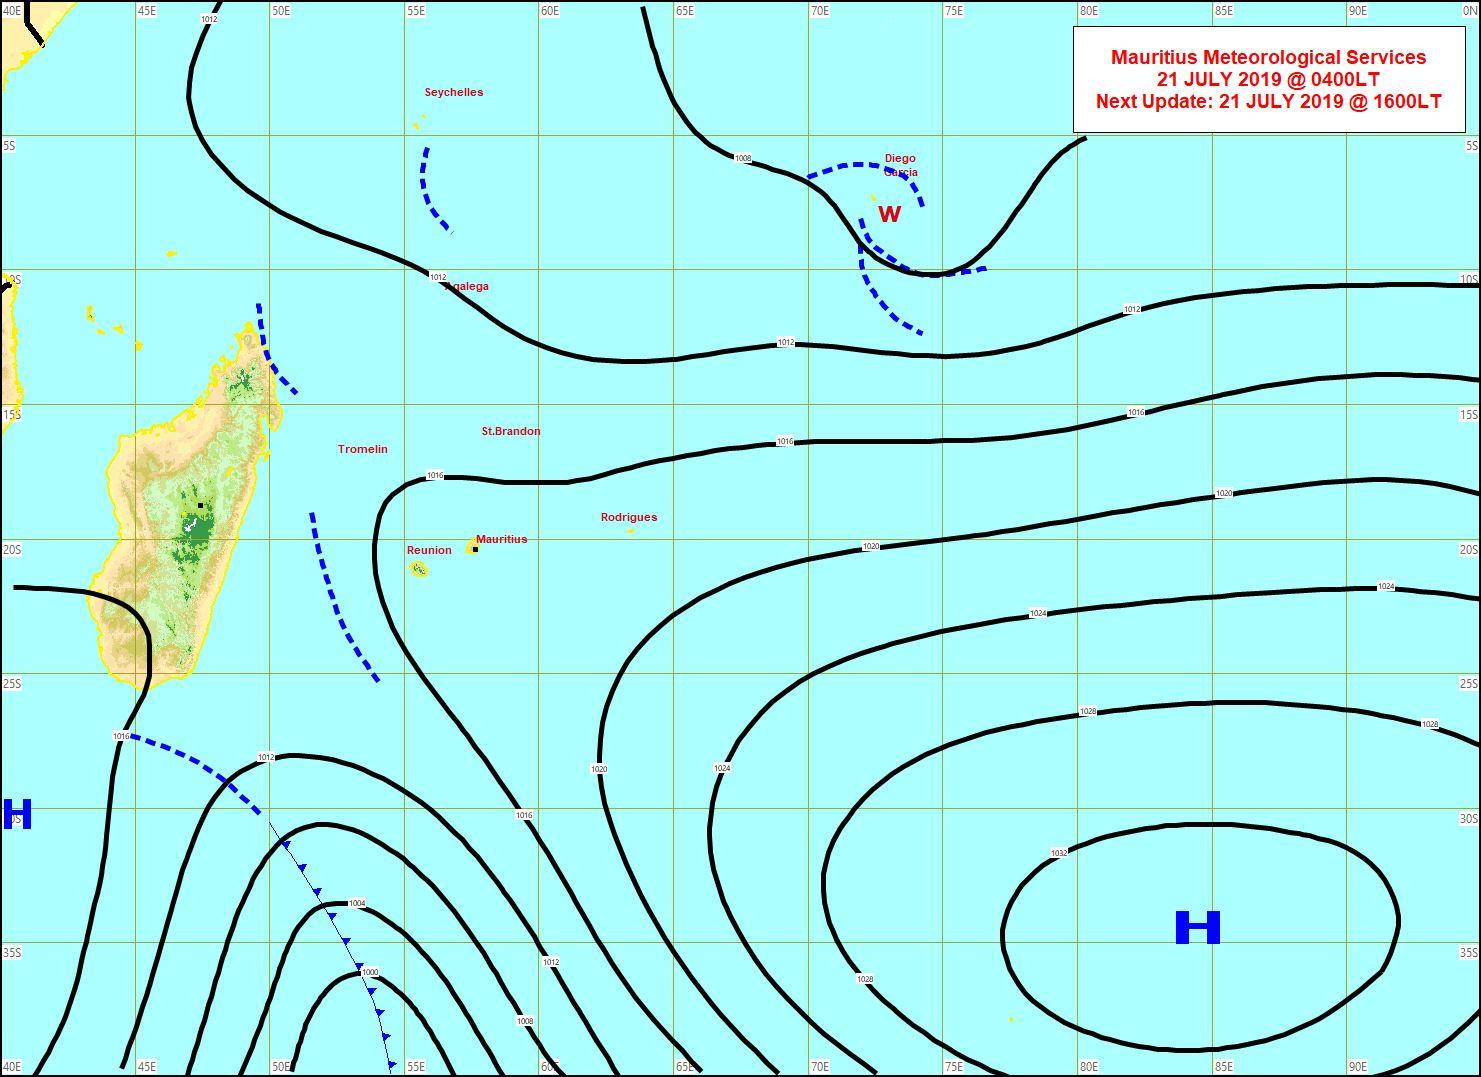 Analyse de la situation de surface ce matin. Un système frontal suivi d'un anticyclone s'approchent de nos régions depuis le Sud de MADA. Net renforcement du vent et retour de la fraîcheur pour le début de la semaine prochaine. MMS